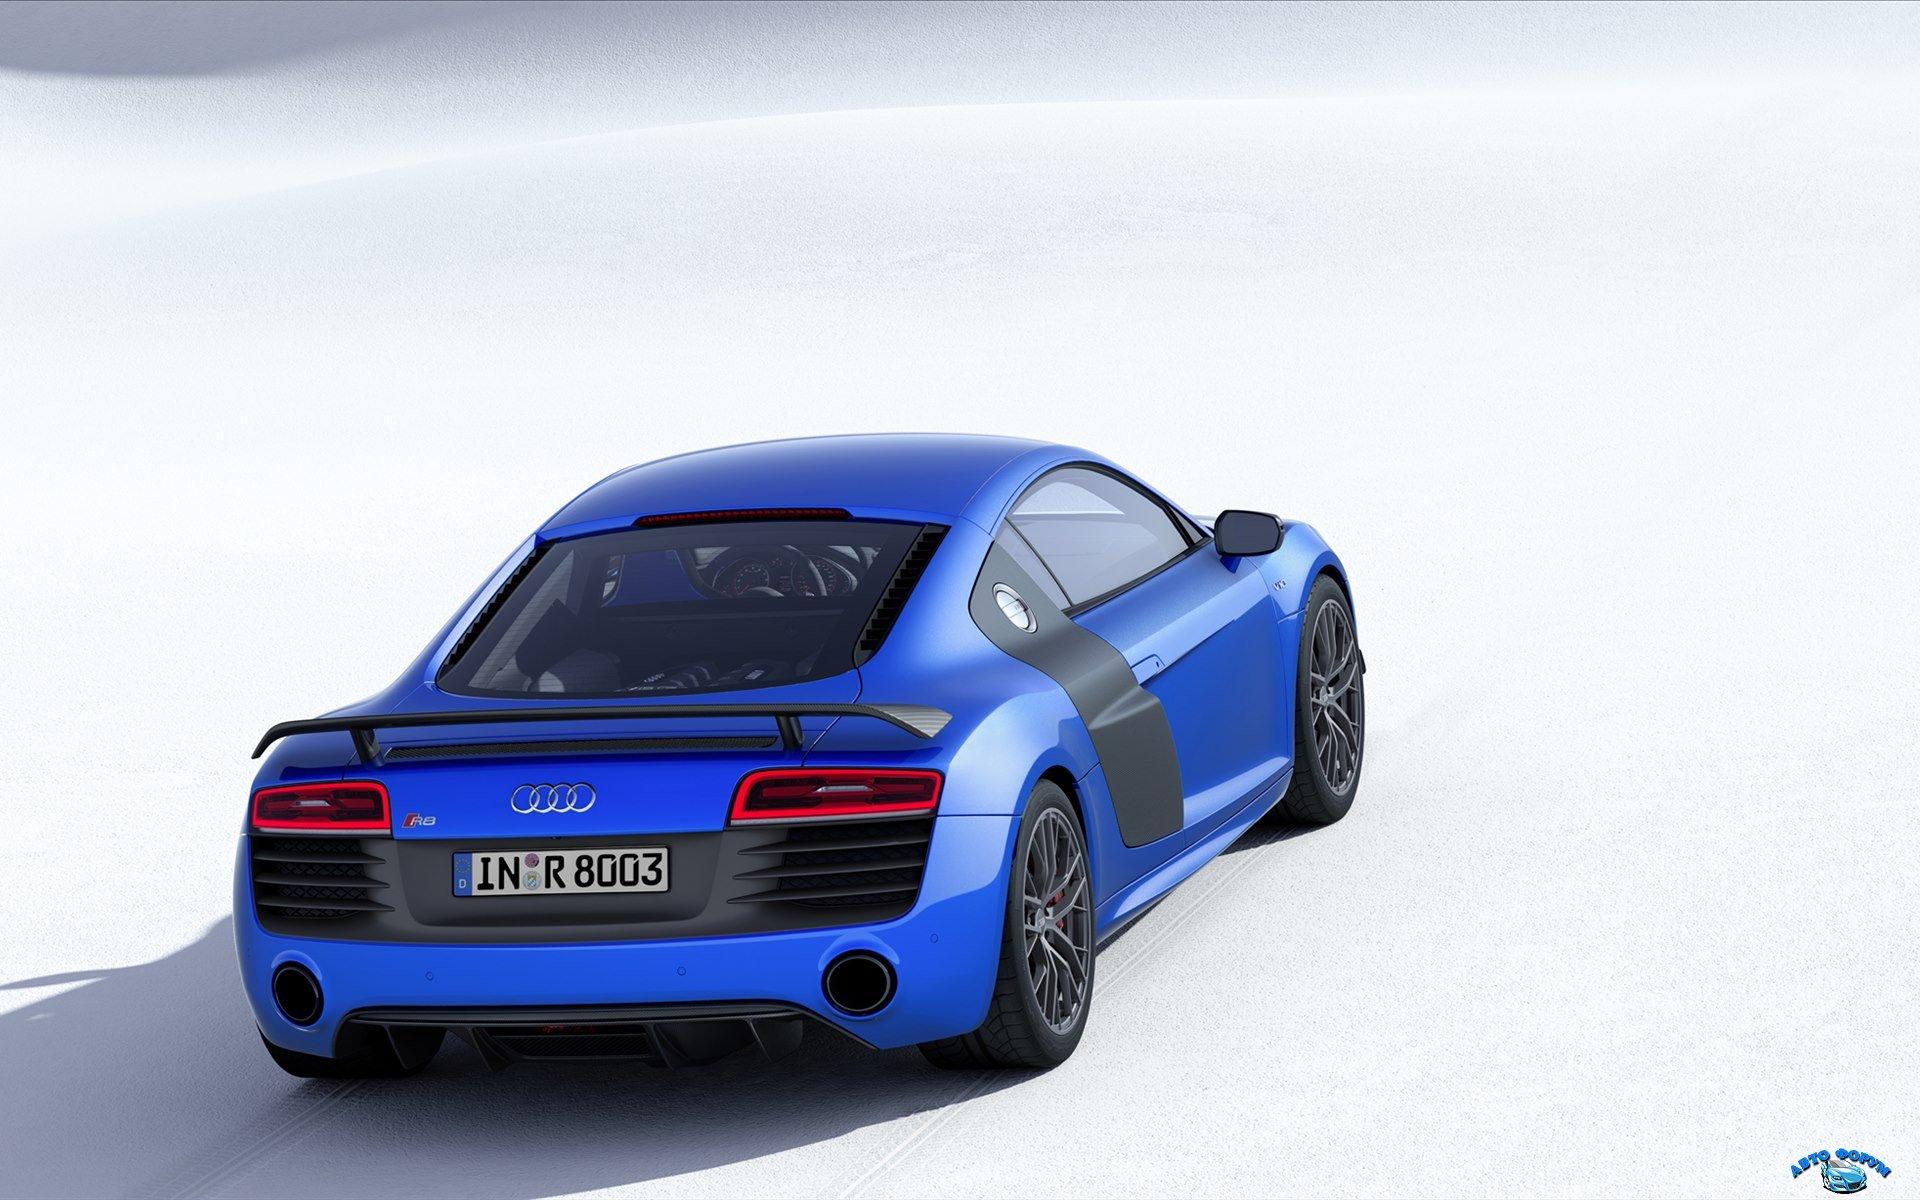 Audi-R8-LMX-2015-widescreen-02.jpg